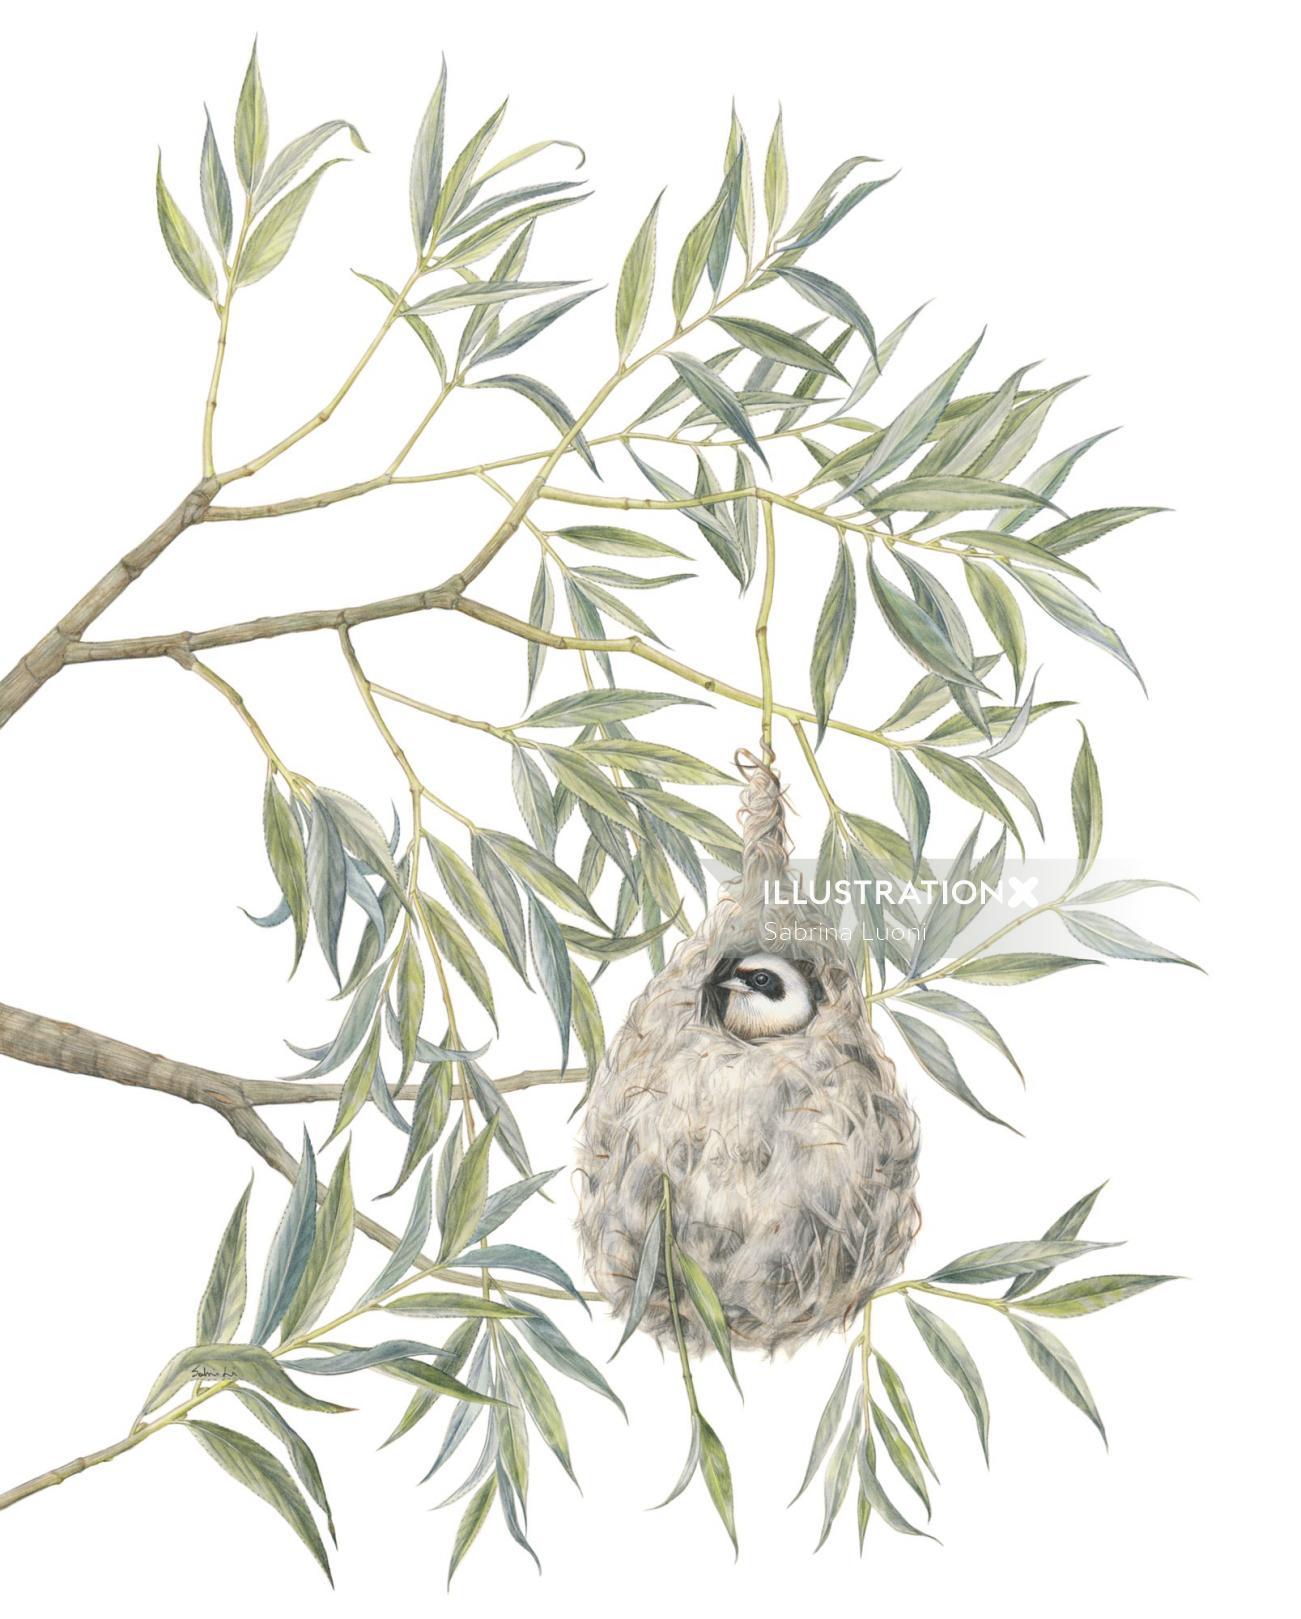 Eurasian Penduline Tit (Remiz pendulinus)